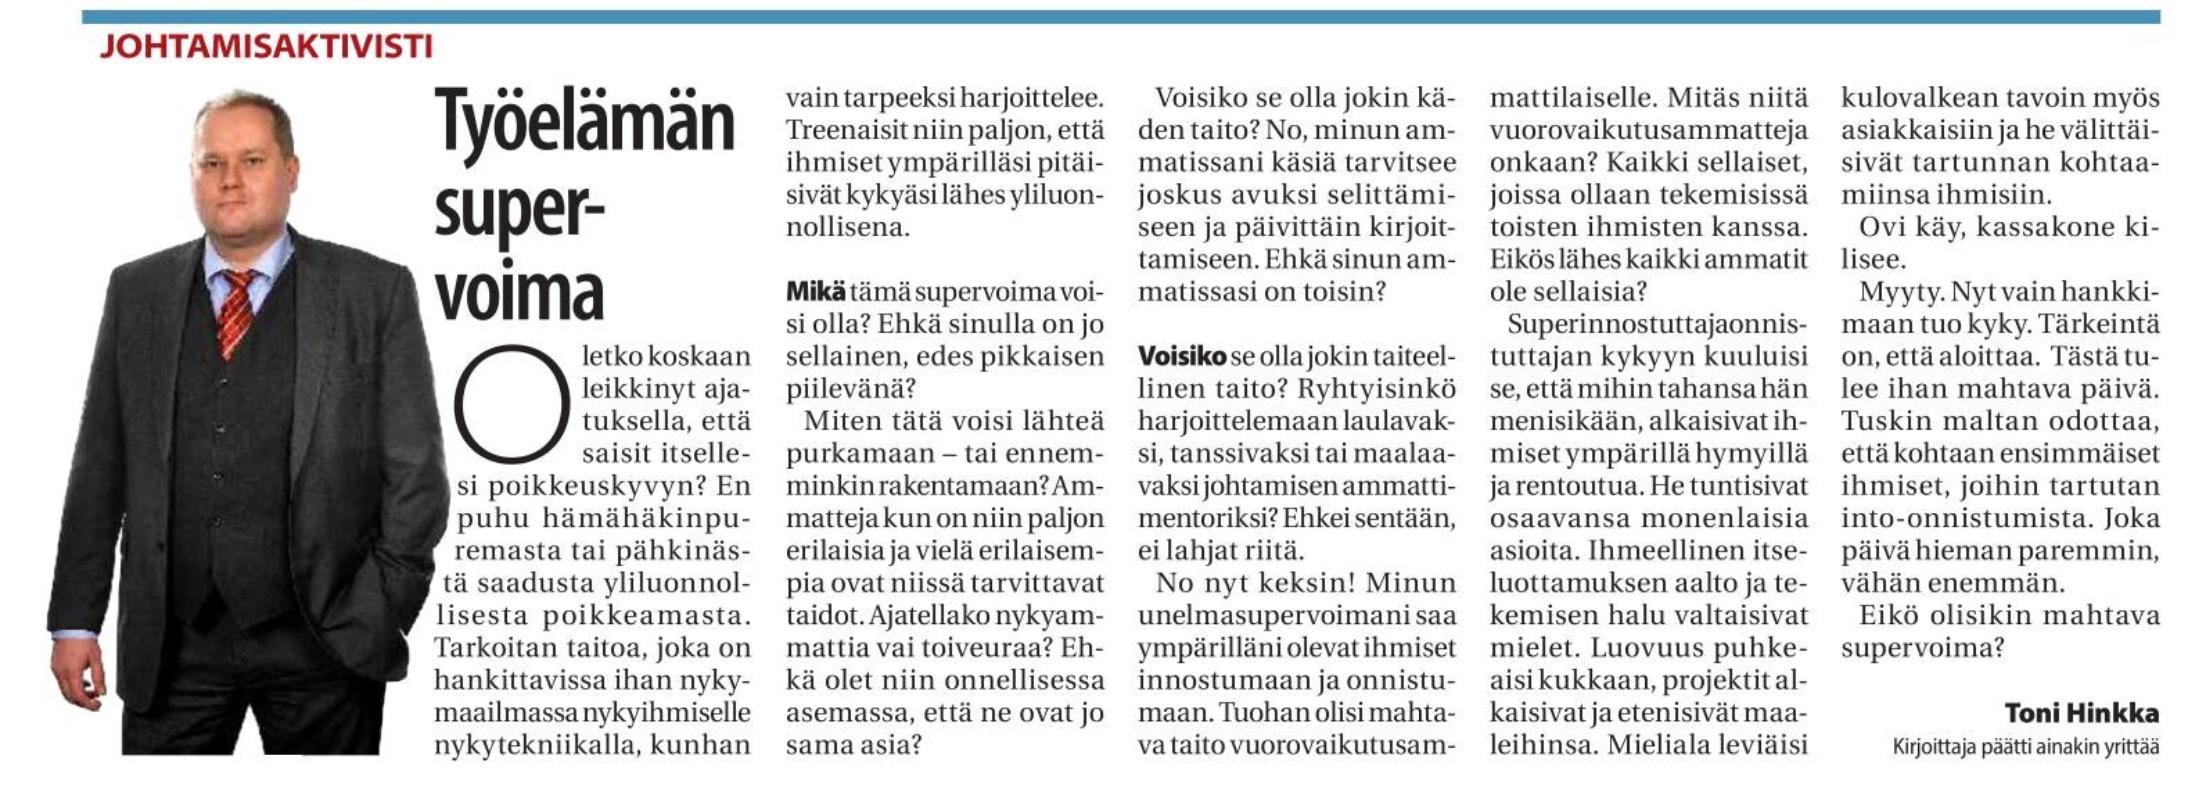 Työelämän supervoima Toni Hinkka kolumni Keski-Uusimaa 6.2.2018